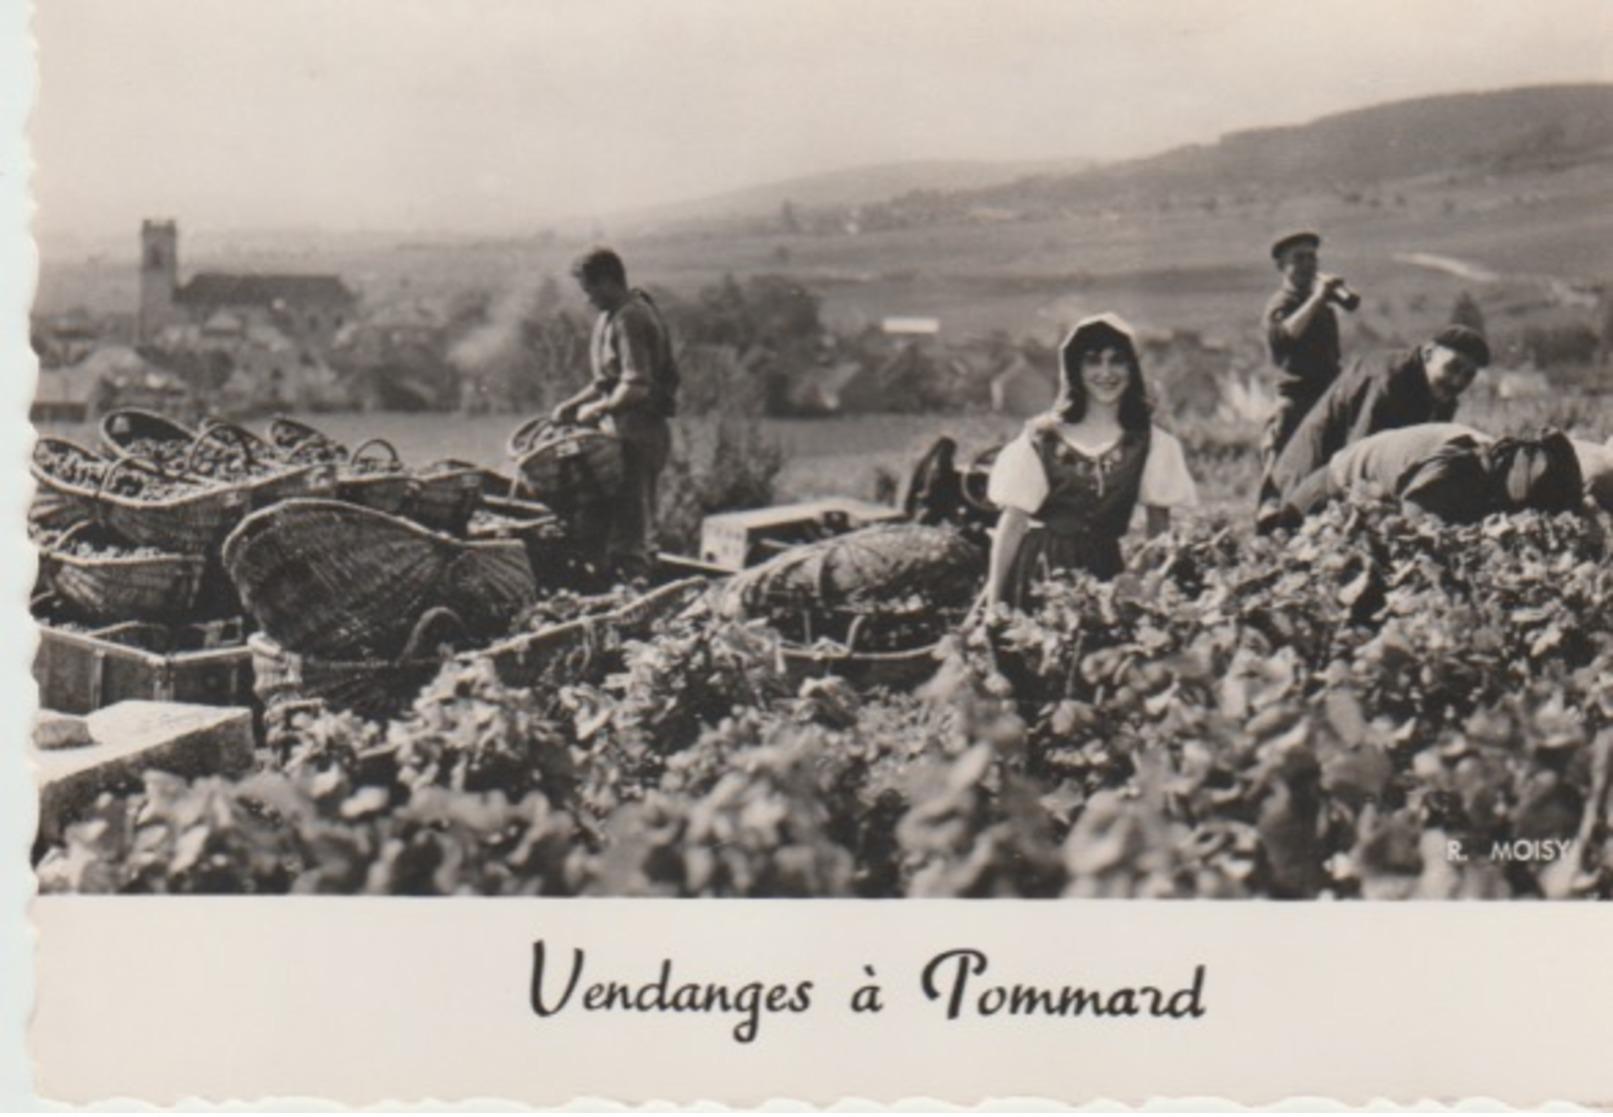 VENDANGES   À  POMMARD - France